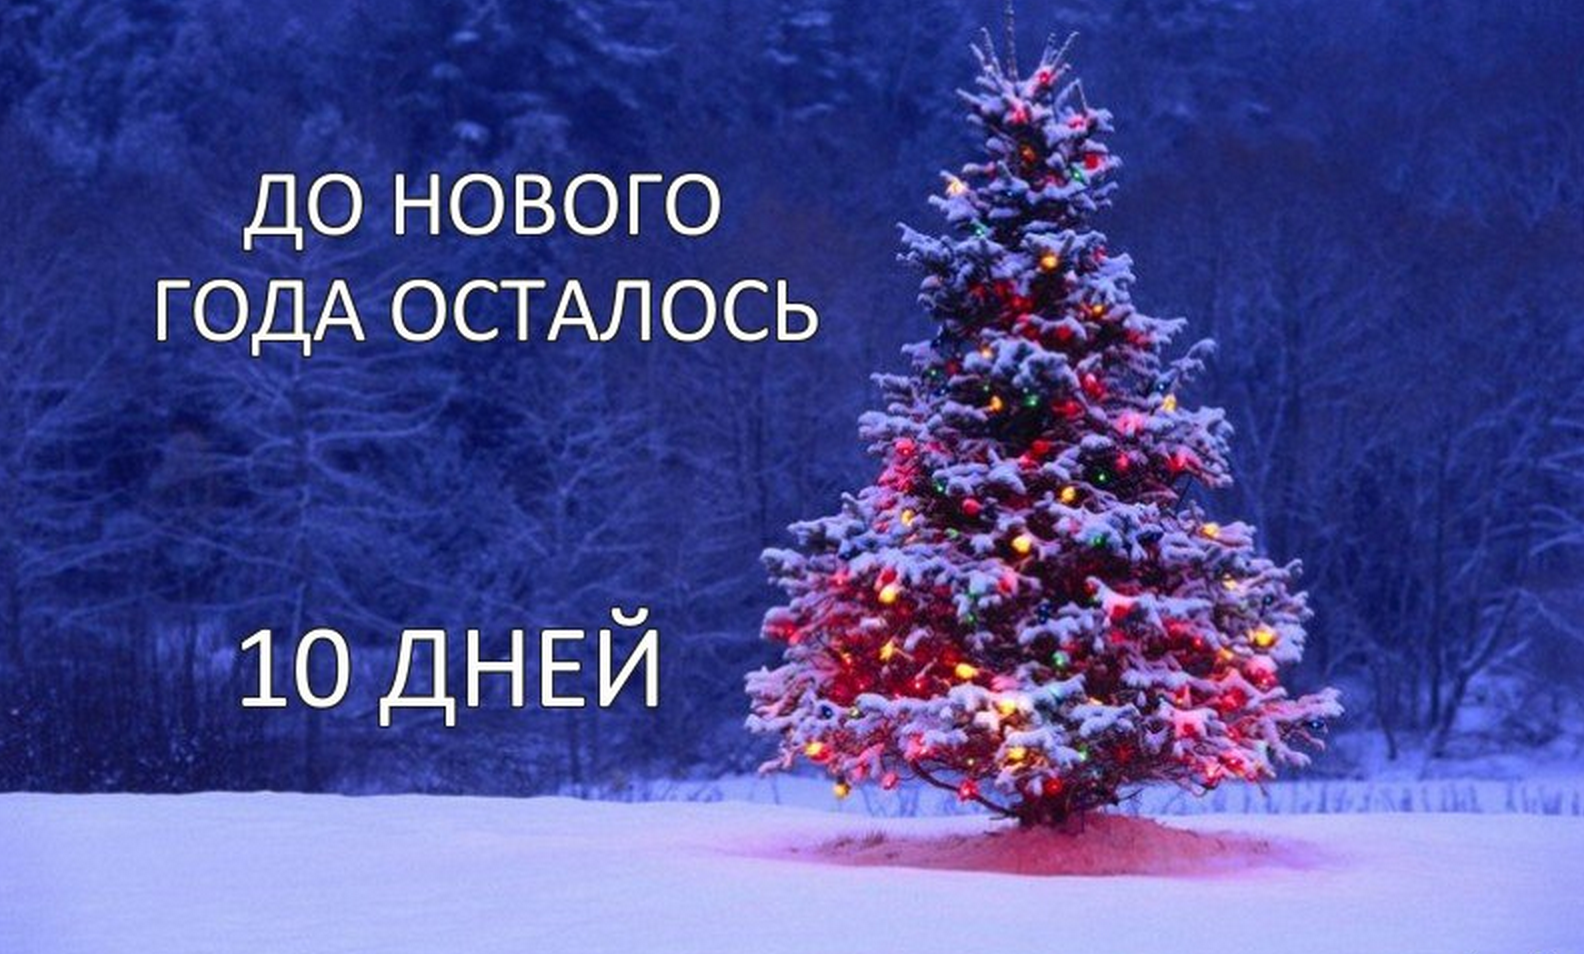 8 дней до нового года открытка